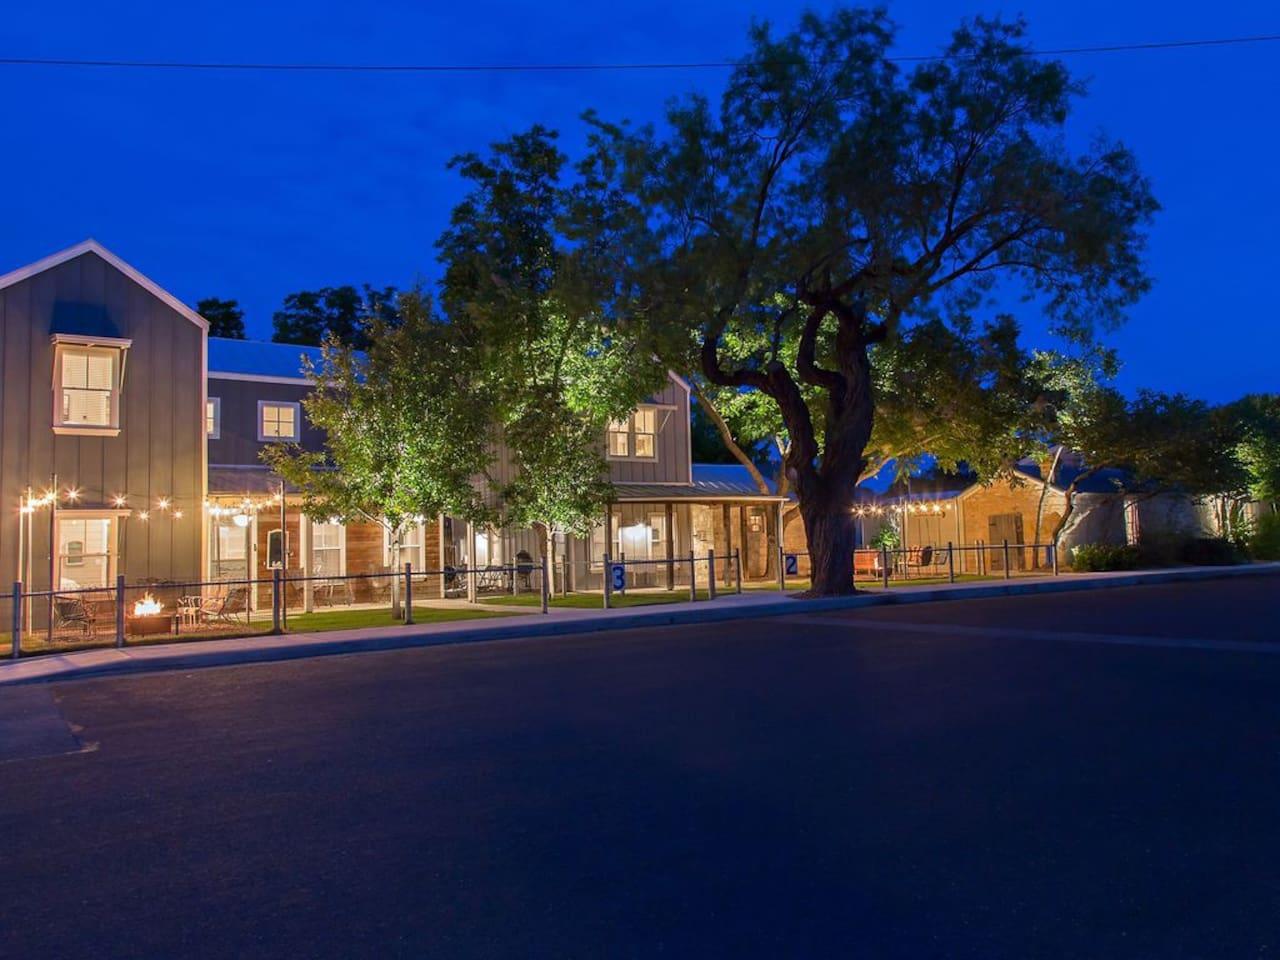 All three farmhouses at night